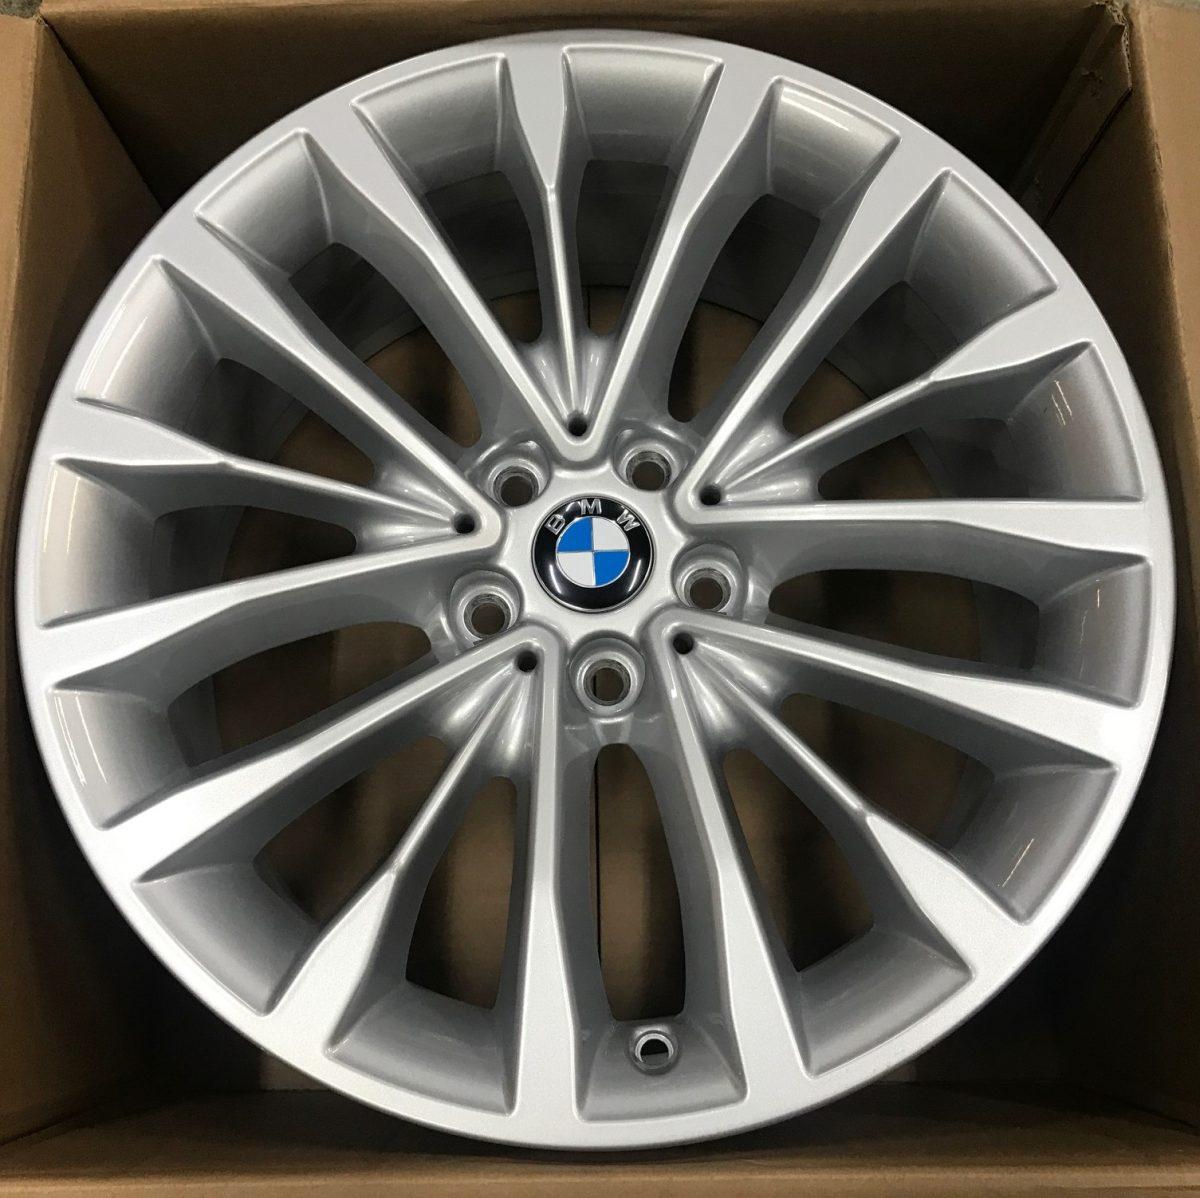 Gyári alufelni BMW G30 (632styl) 8X18 ET30 alufelni 1